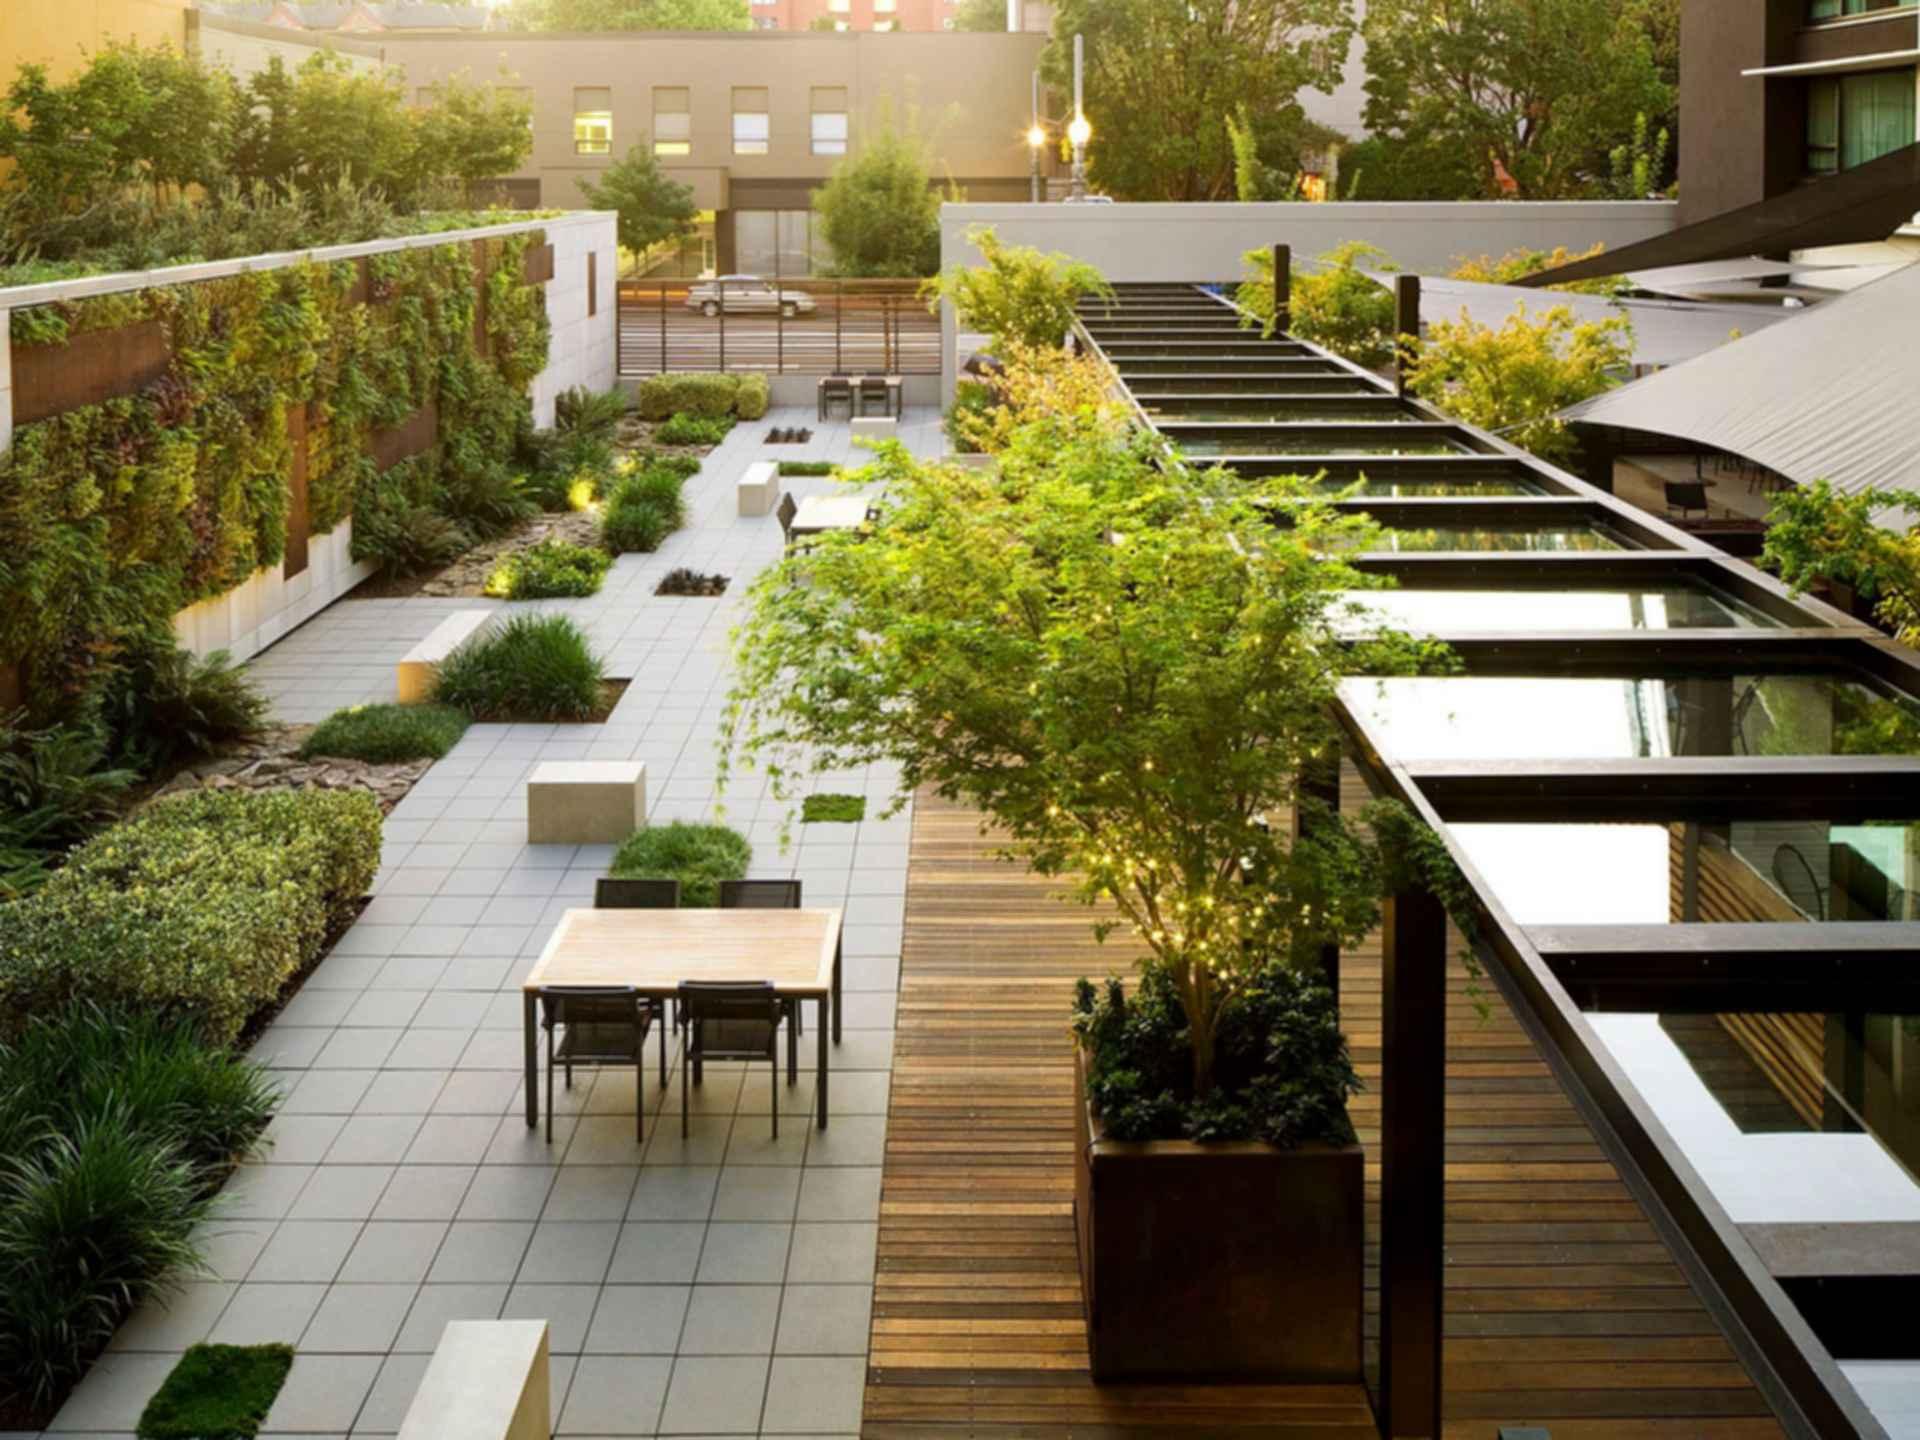 Hotel Modera - Garden Entrance